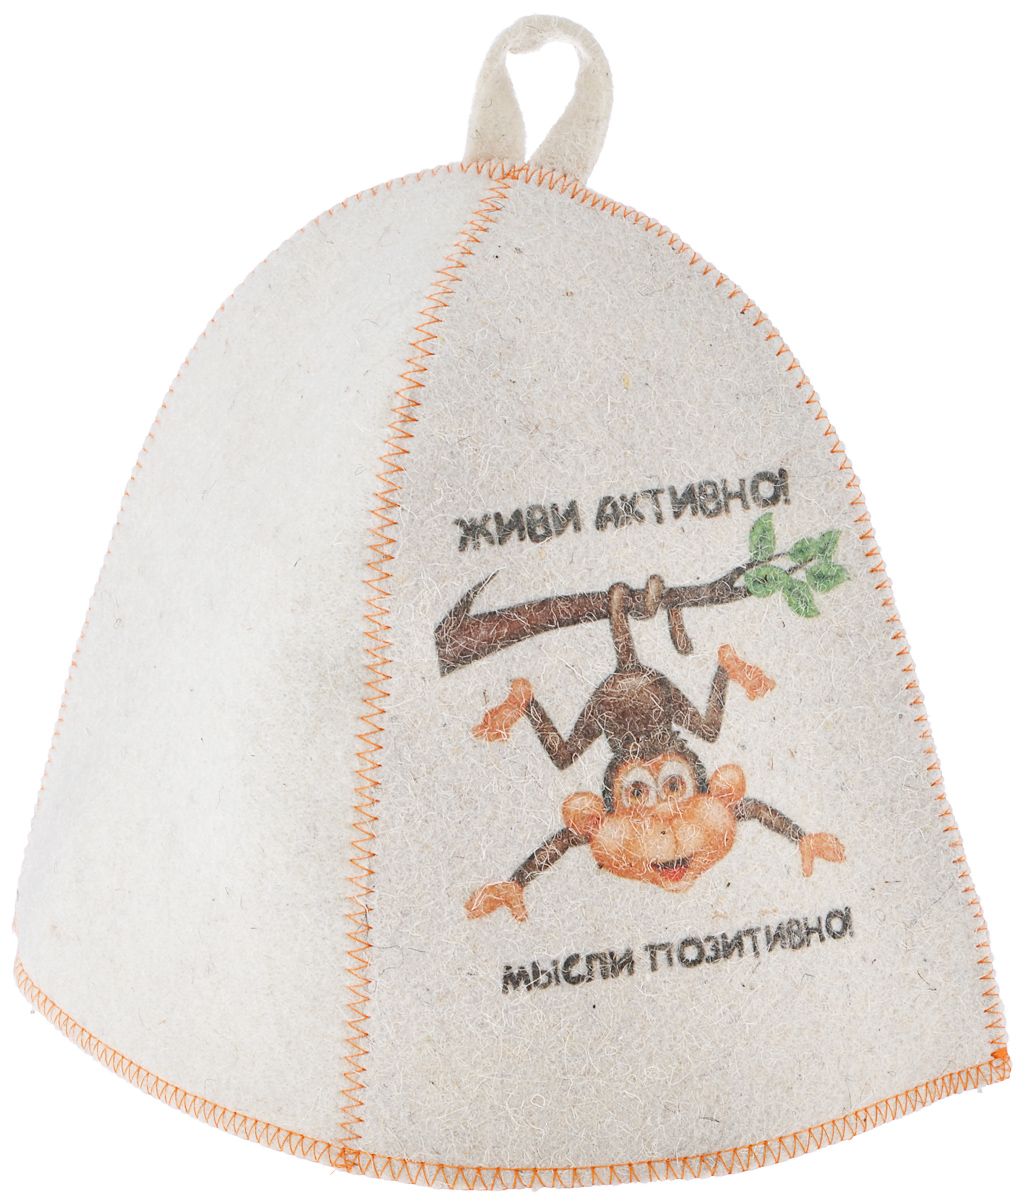 Шапка банная Живи активно, мысли позитивно!, войлок, цвет: белый531-402Банная шапка Живи активно, мысли позитивно! изготовлена из высококачественного войлока. Банная шапка - это незаменимый аксессуар для любителей попариться в русской бане и для тех, кто предпочитает сухой жар финской бани. К тому же шапка защитит волосы от сухости и ломкости, голову от перегрева и предотвратит появление головокружения. На шапке имеется петелька, с помощью которой ее можно повесить на крючок в предбаннике. Такая шапка станет отличным подарком для любителей отдыха в бане или сауне.Диаметр шапки: 70 см.Высота шапки: 24 см.